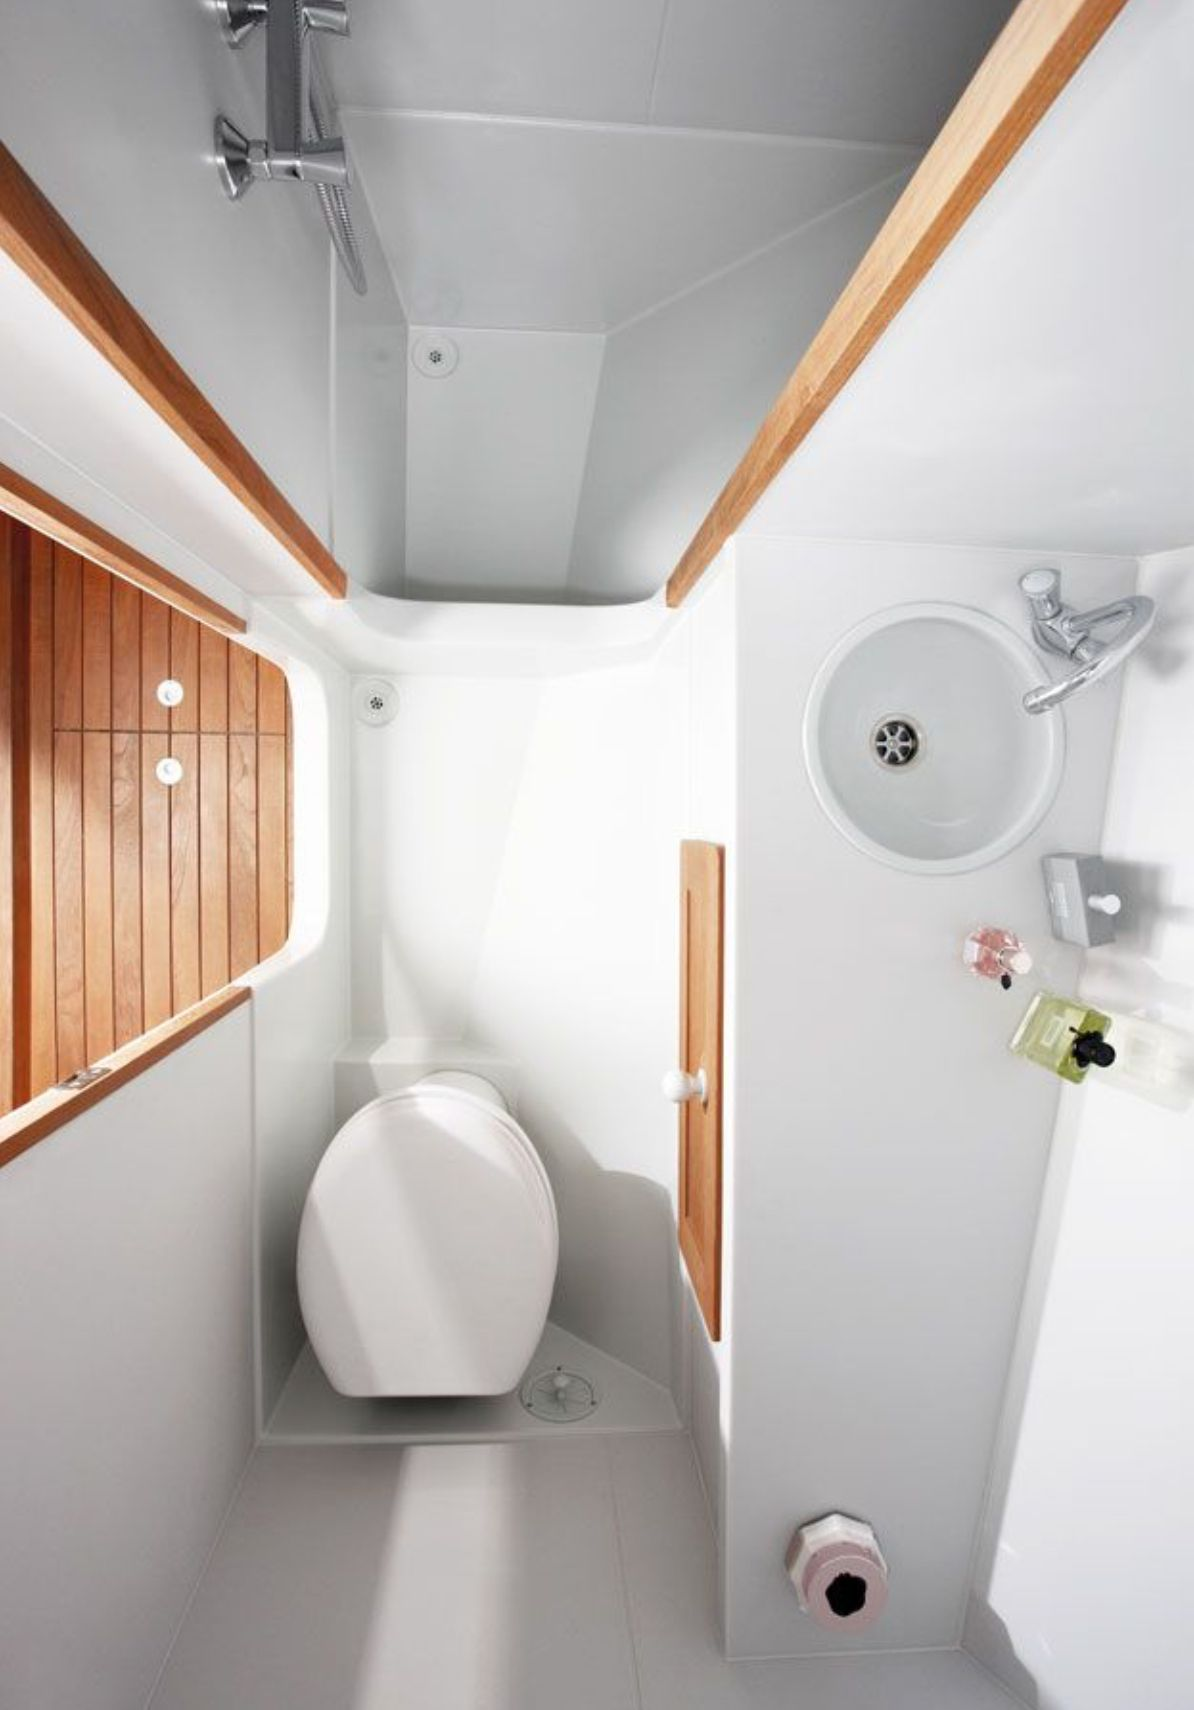 Pin By Rena Nightfall On Narrowboats Tiny House Bathroom House Bathroom Bathrooms Remodel